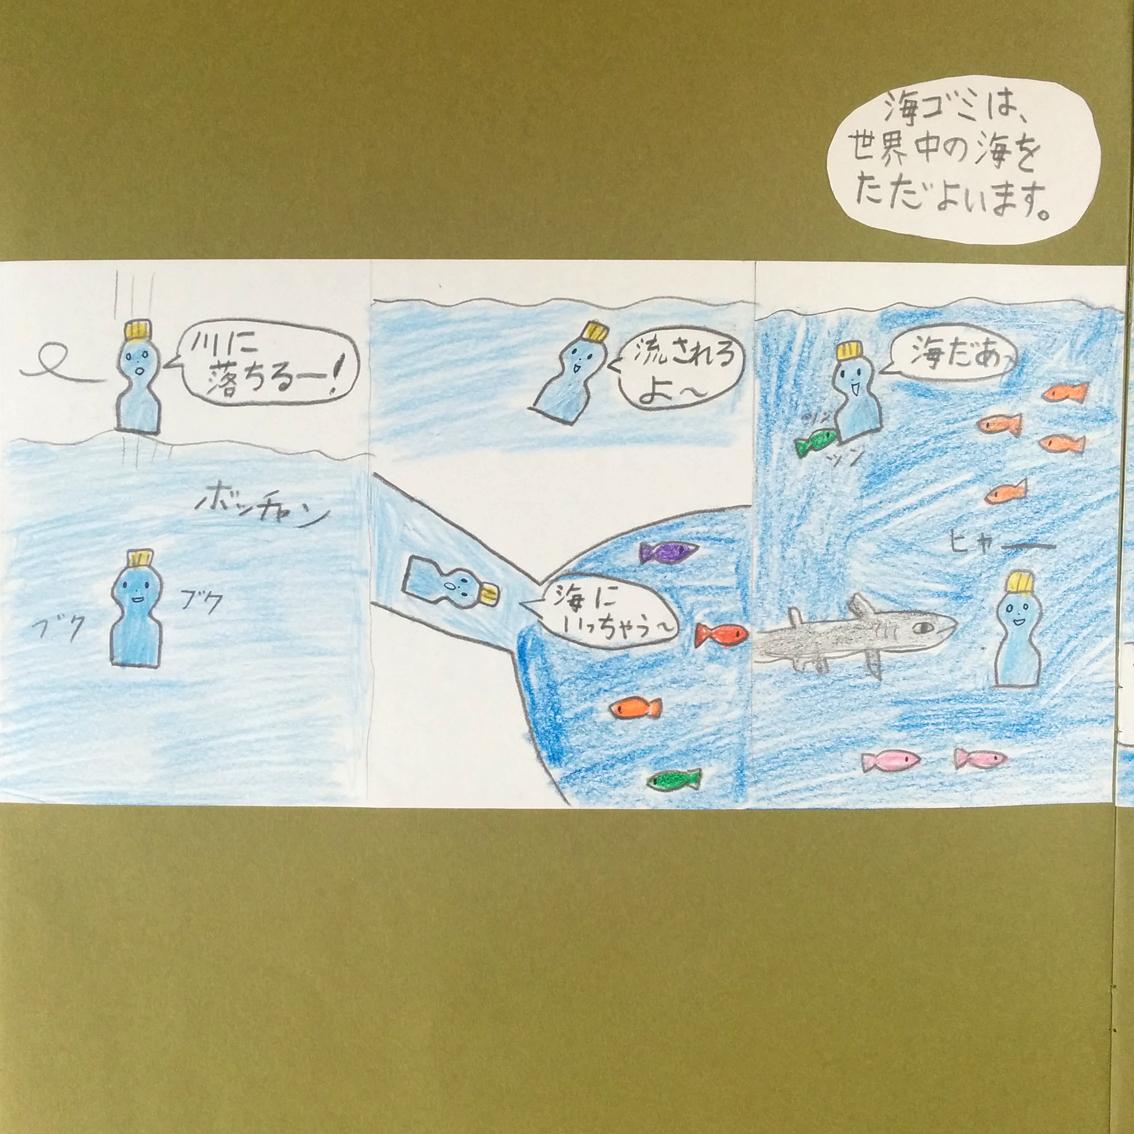 f:id:haruya-oyako:20210830102538j:plain